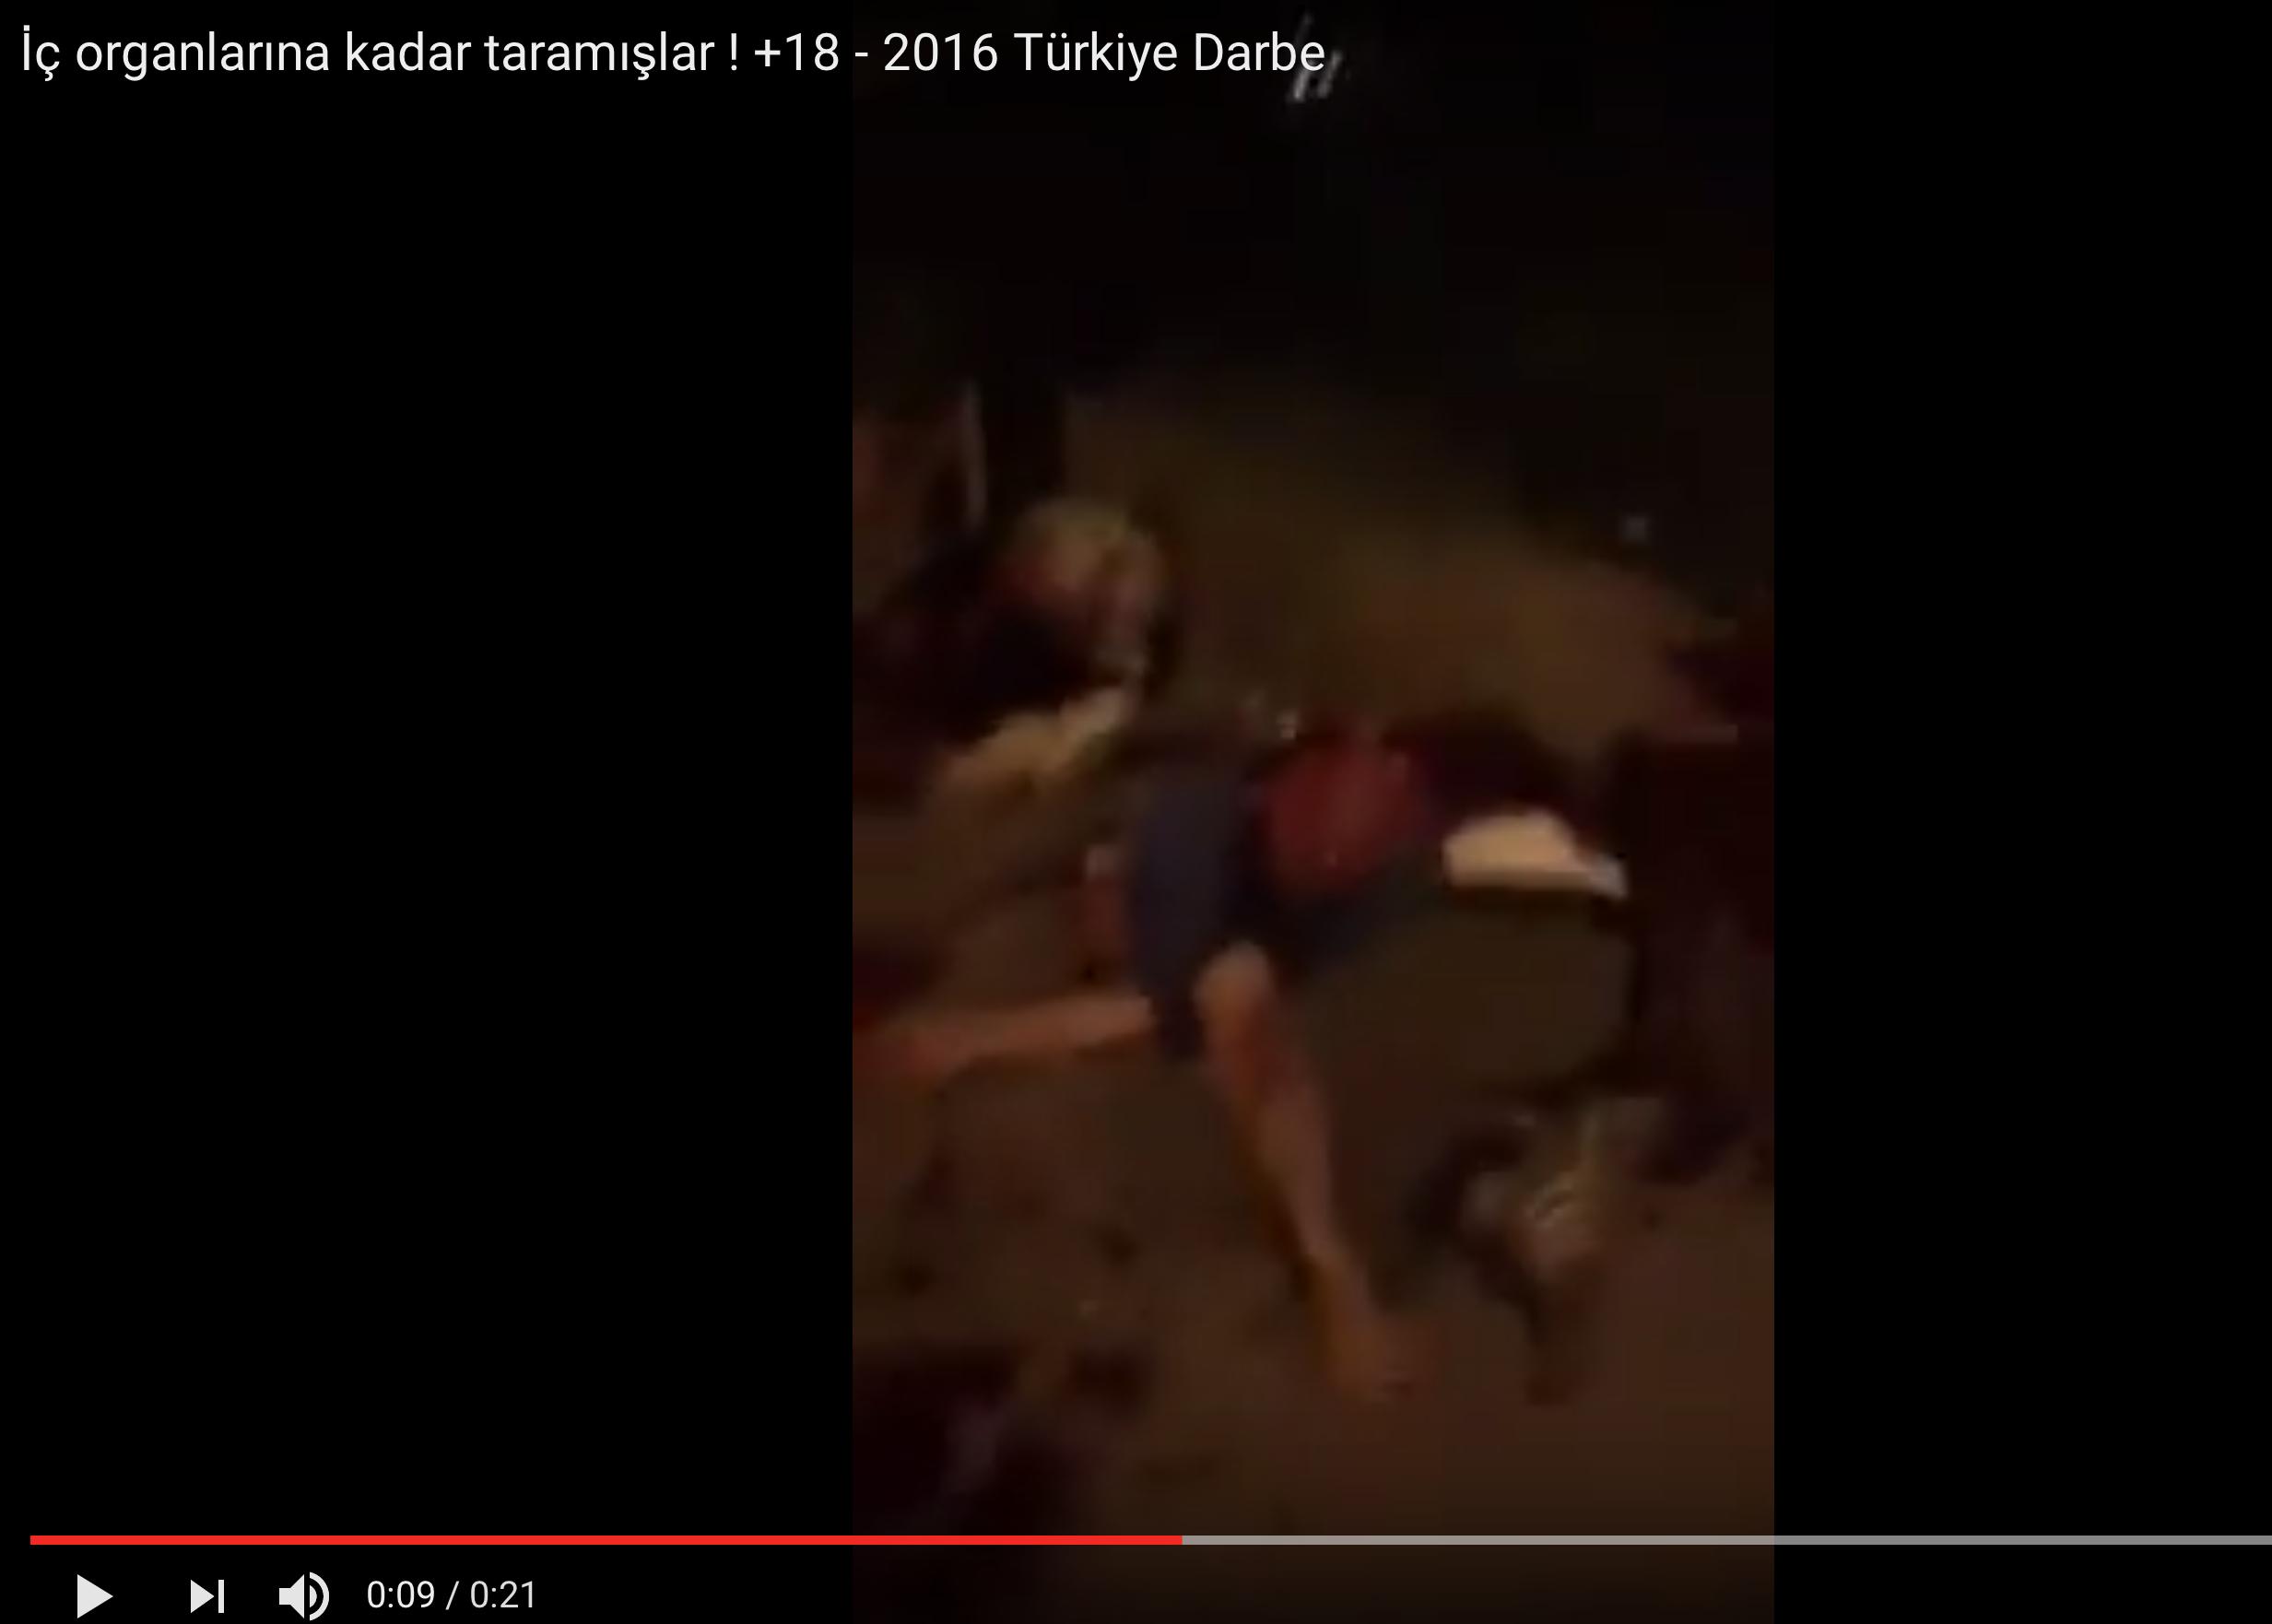 Daawo meeydad tuban wadooyinka Istanbul iyo Ankara